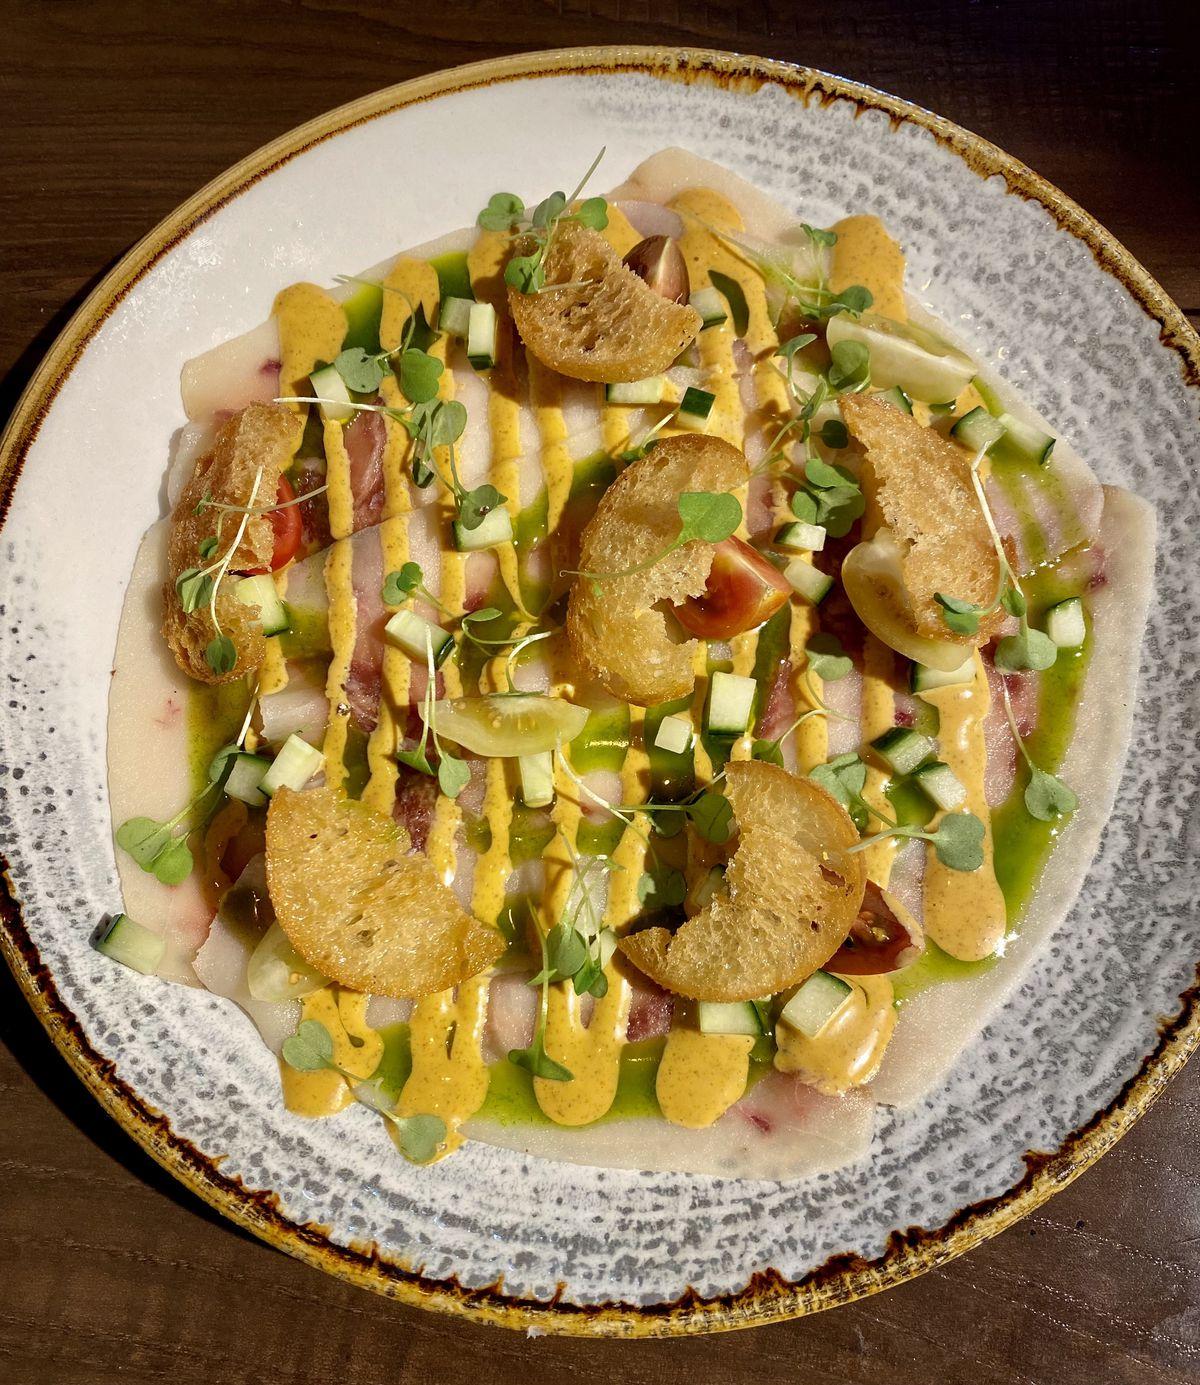 A fish dish at Immigrant Food +